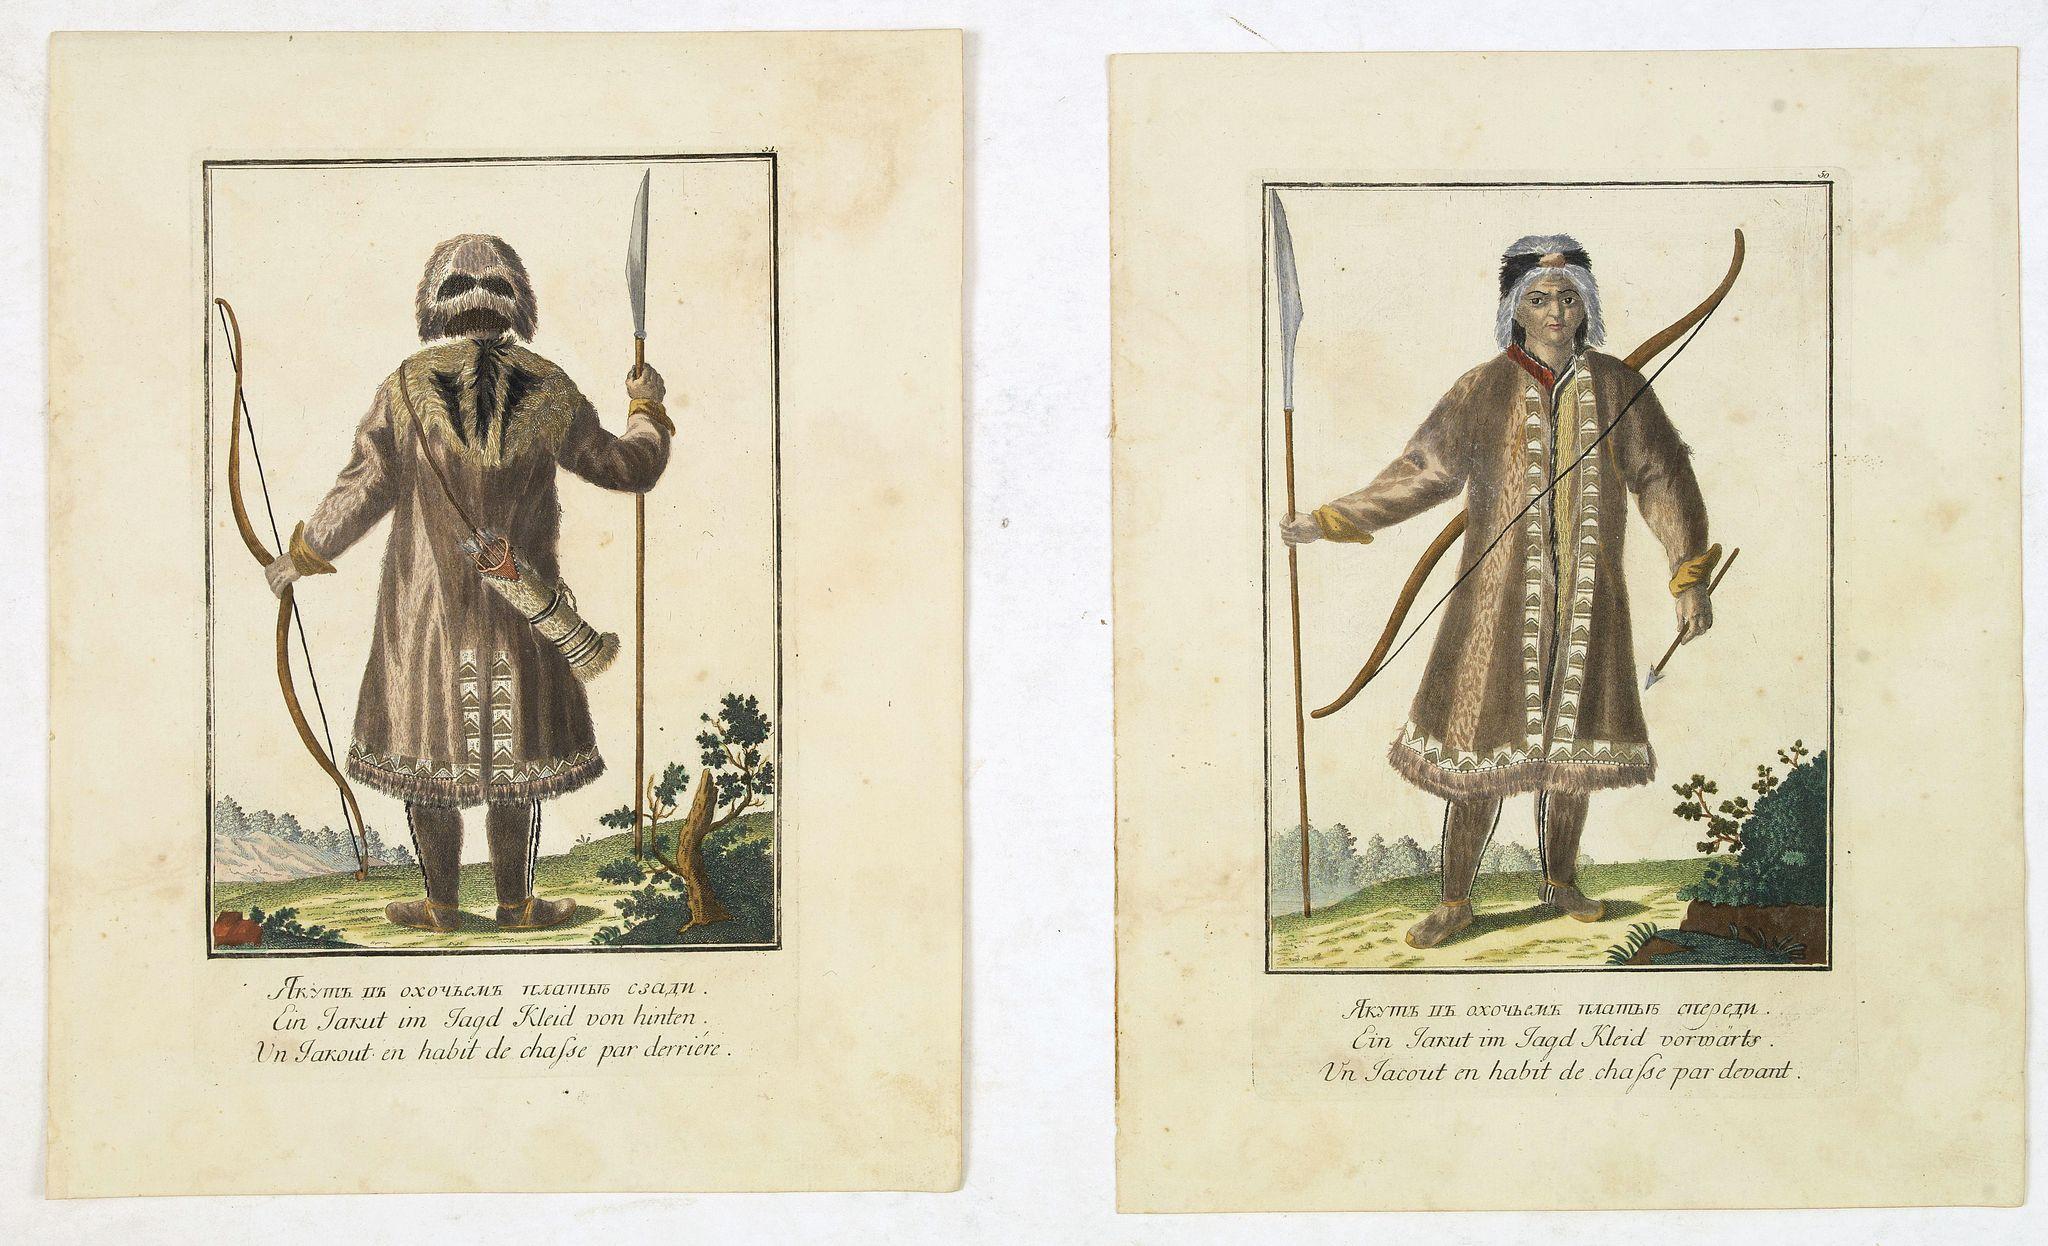 ROTH, Ch. M. -  Un Jacout en habit de chasse par devant [together with]  Un Jakout en habit de chasse par derriére.